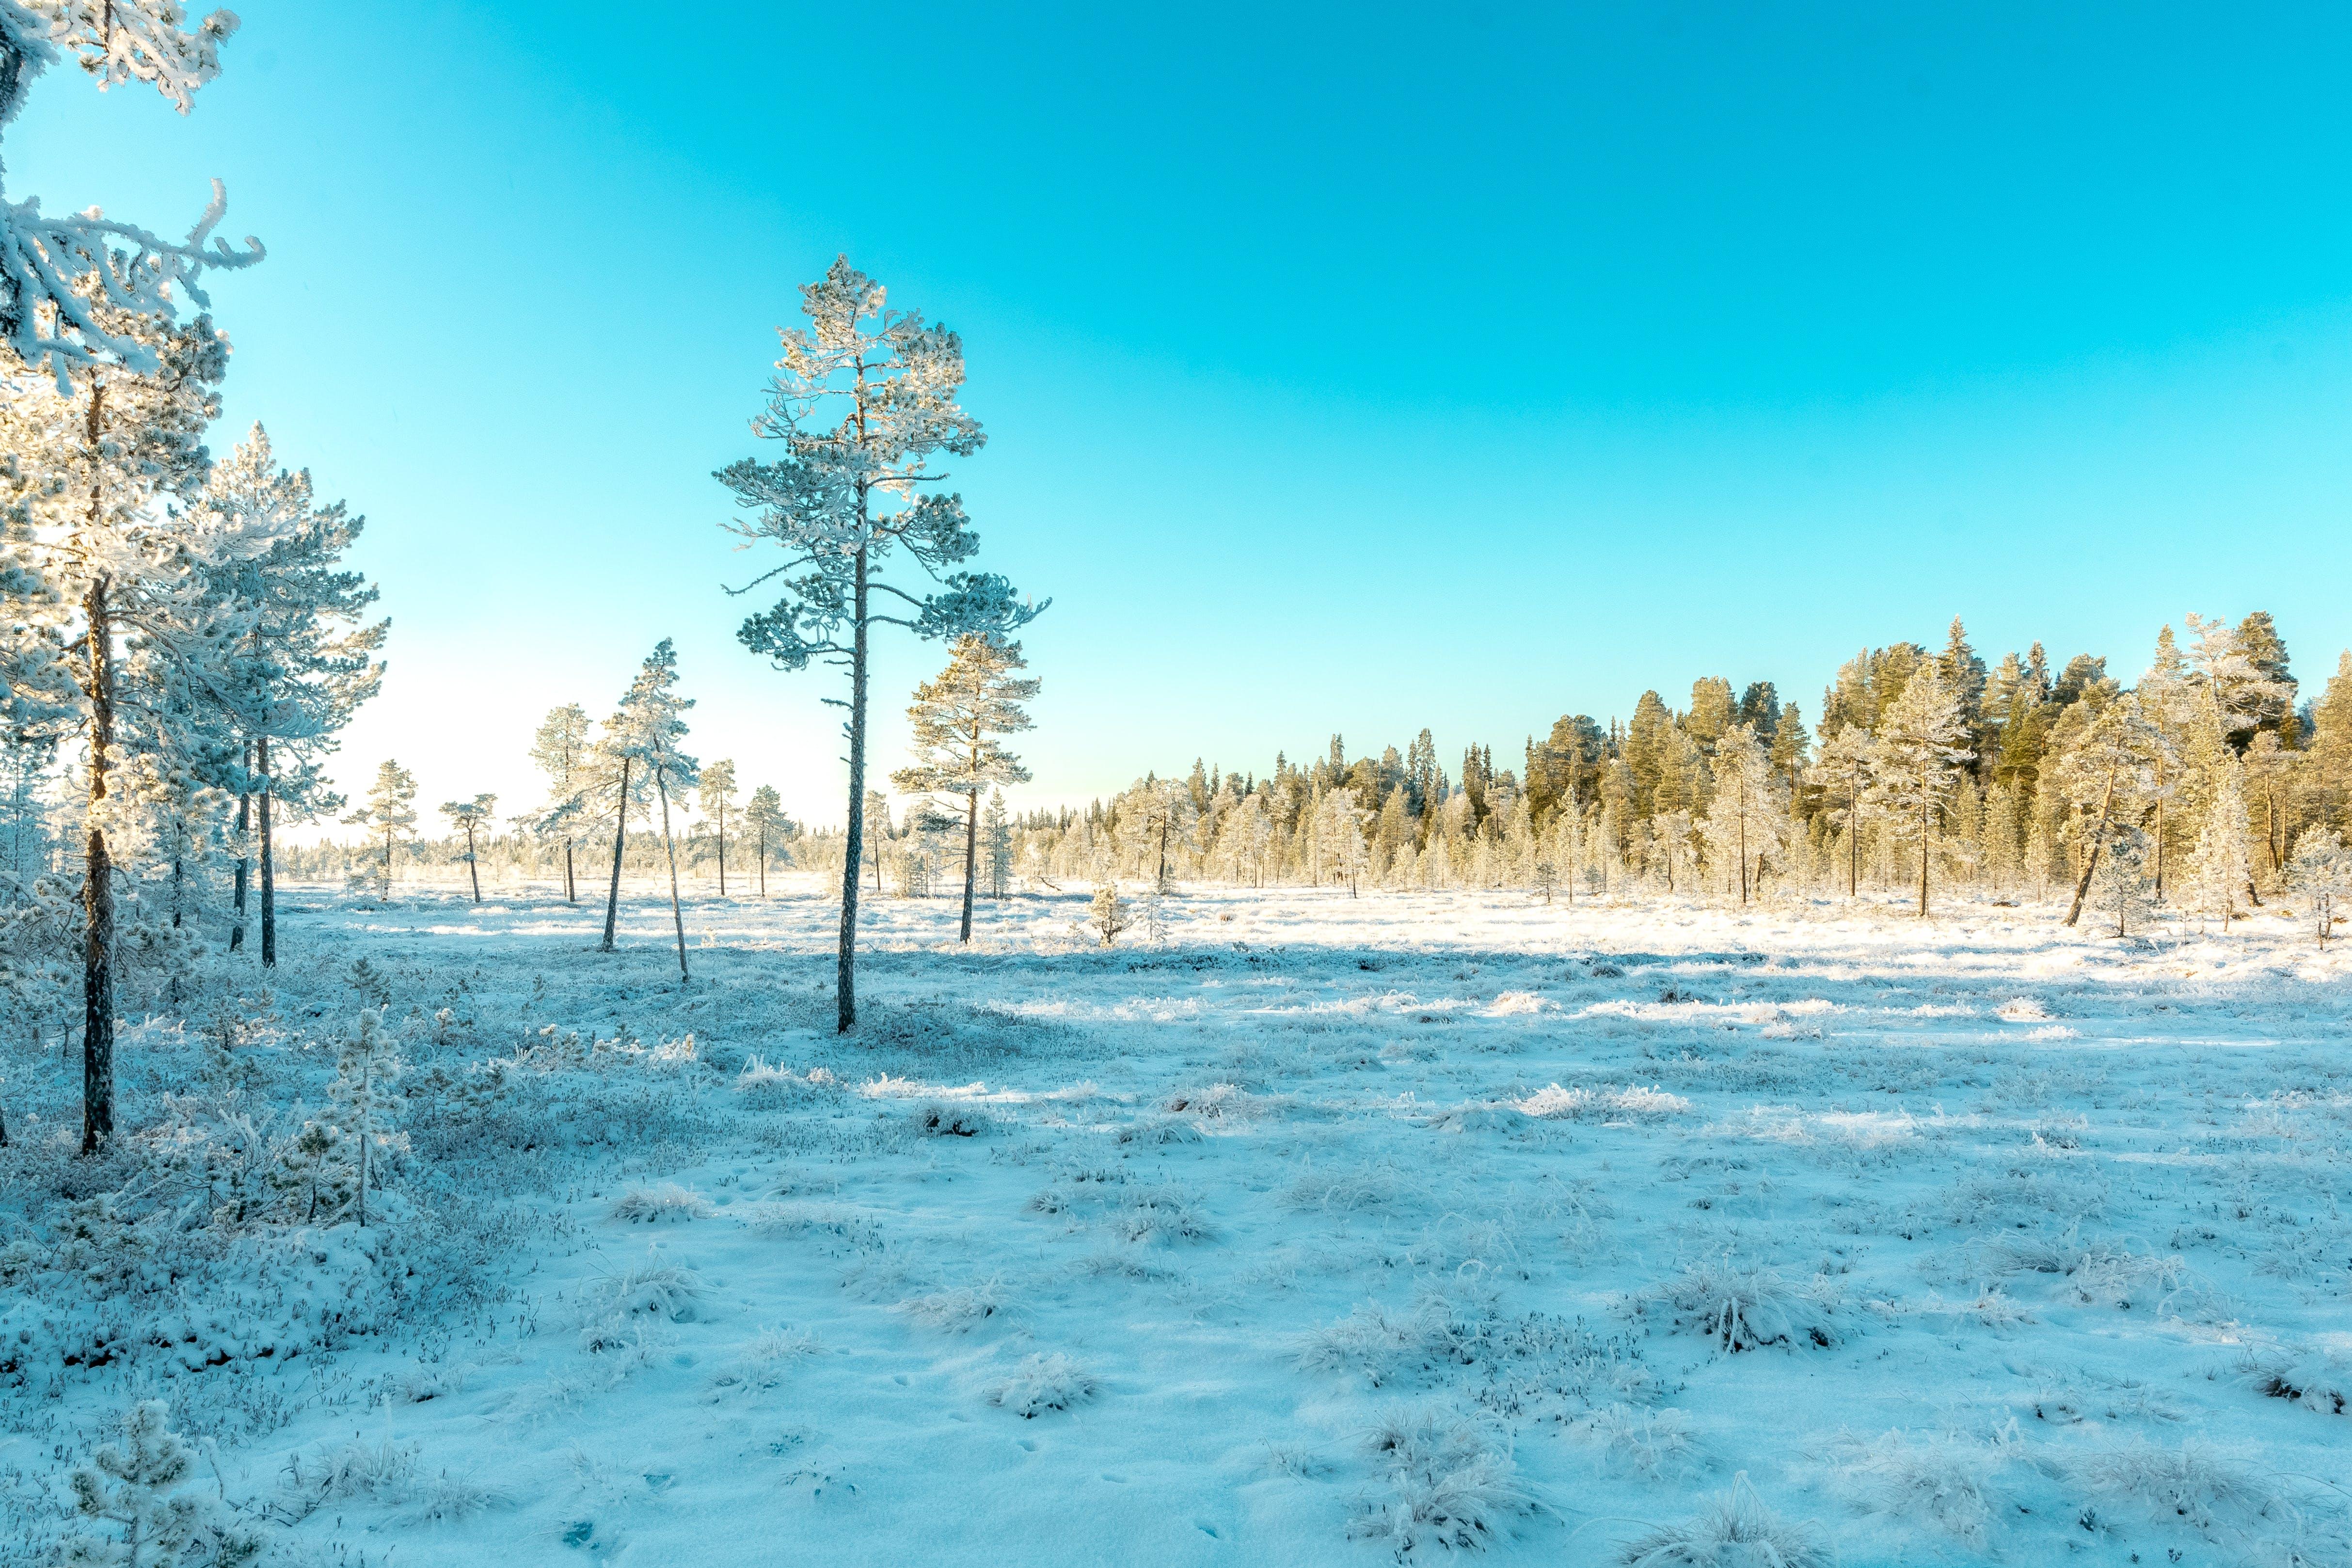 下雪的, 似雪, 冬季